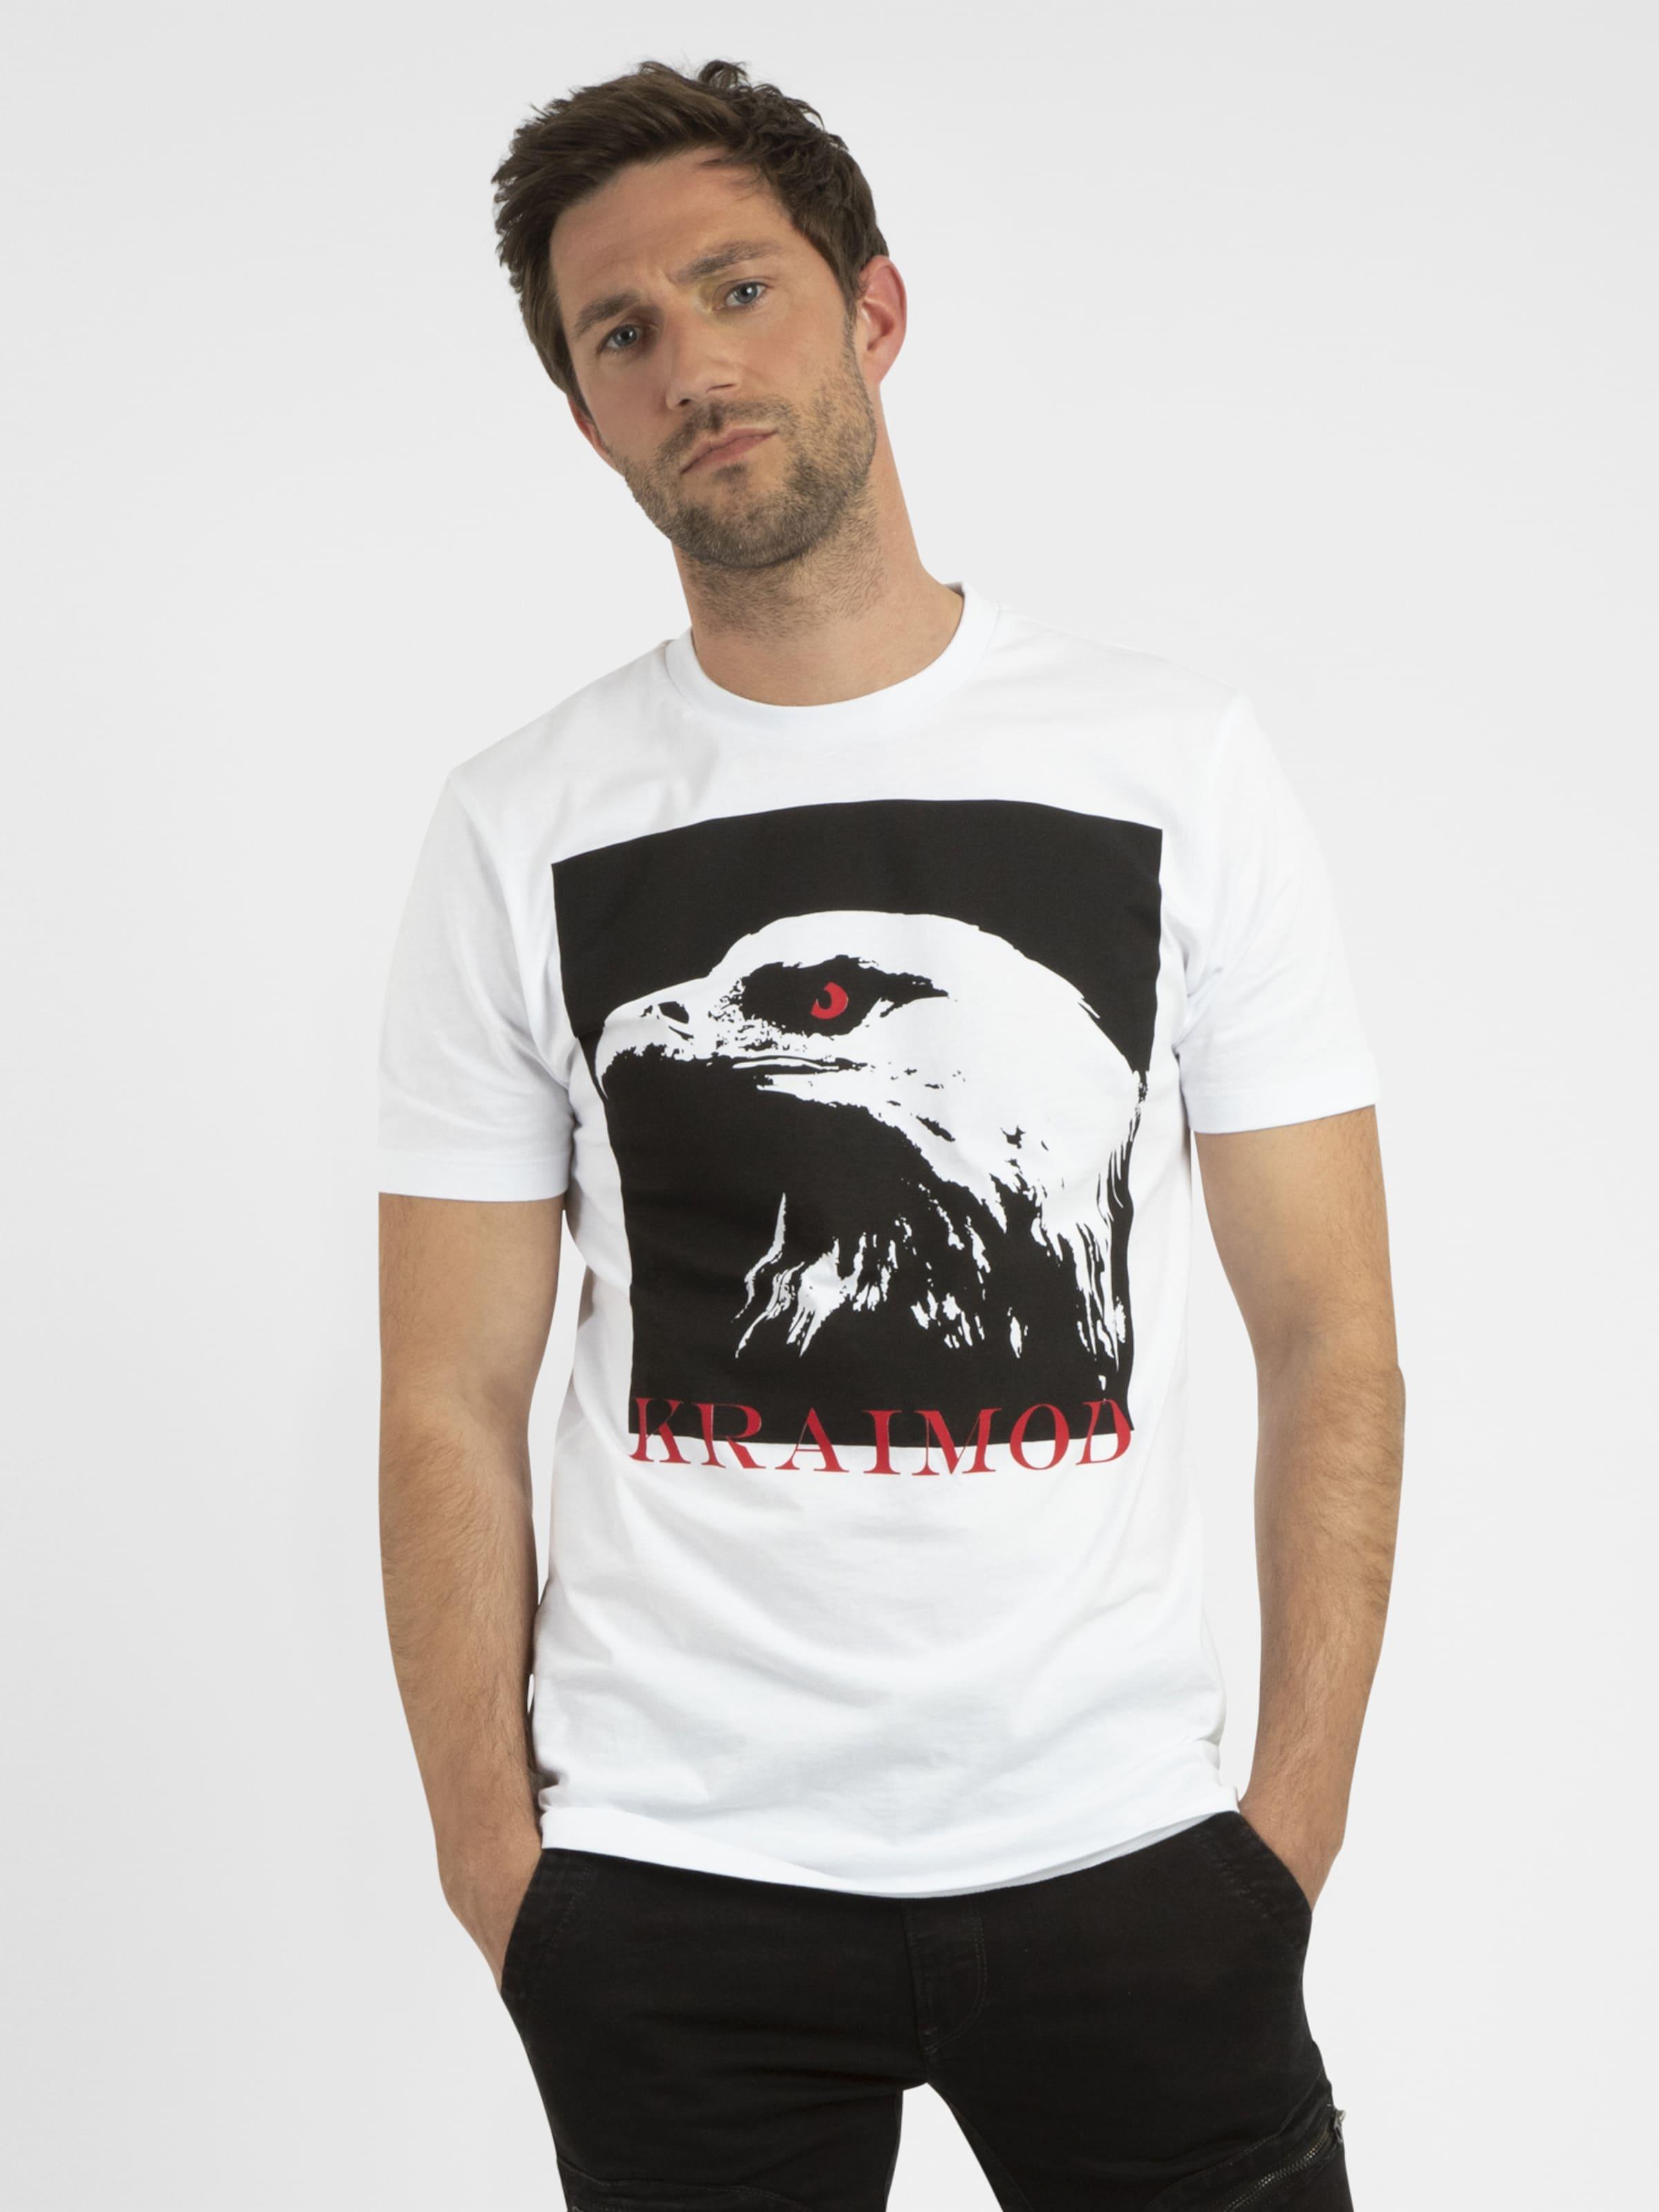 APART Shirt in hellrot / schwarz / weiß Jersey 4053041340716